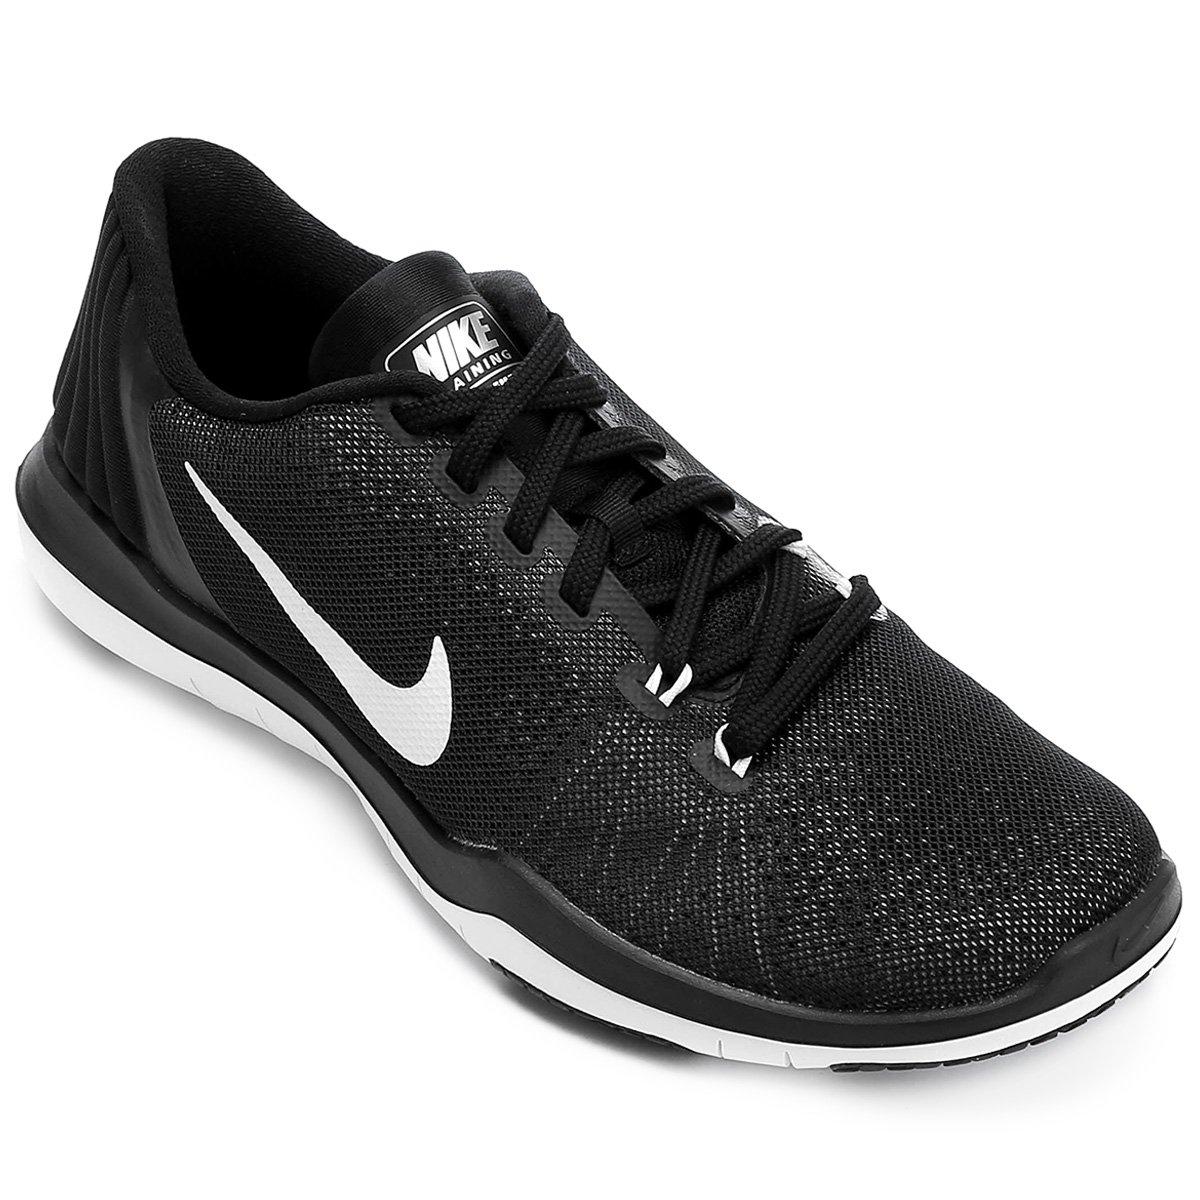 c8eda2bf2e8 Tênis Nike Flex Supreme TR 5 Feminino - Preto e Branco - Compre Agora